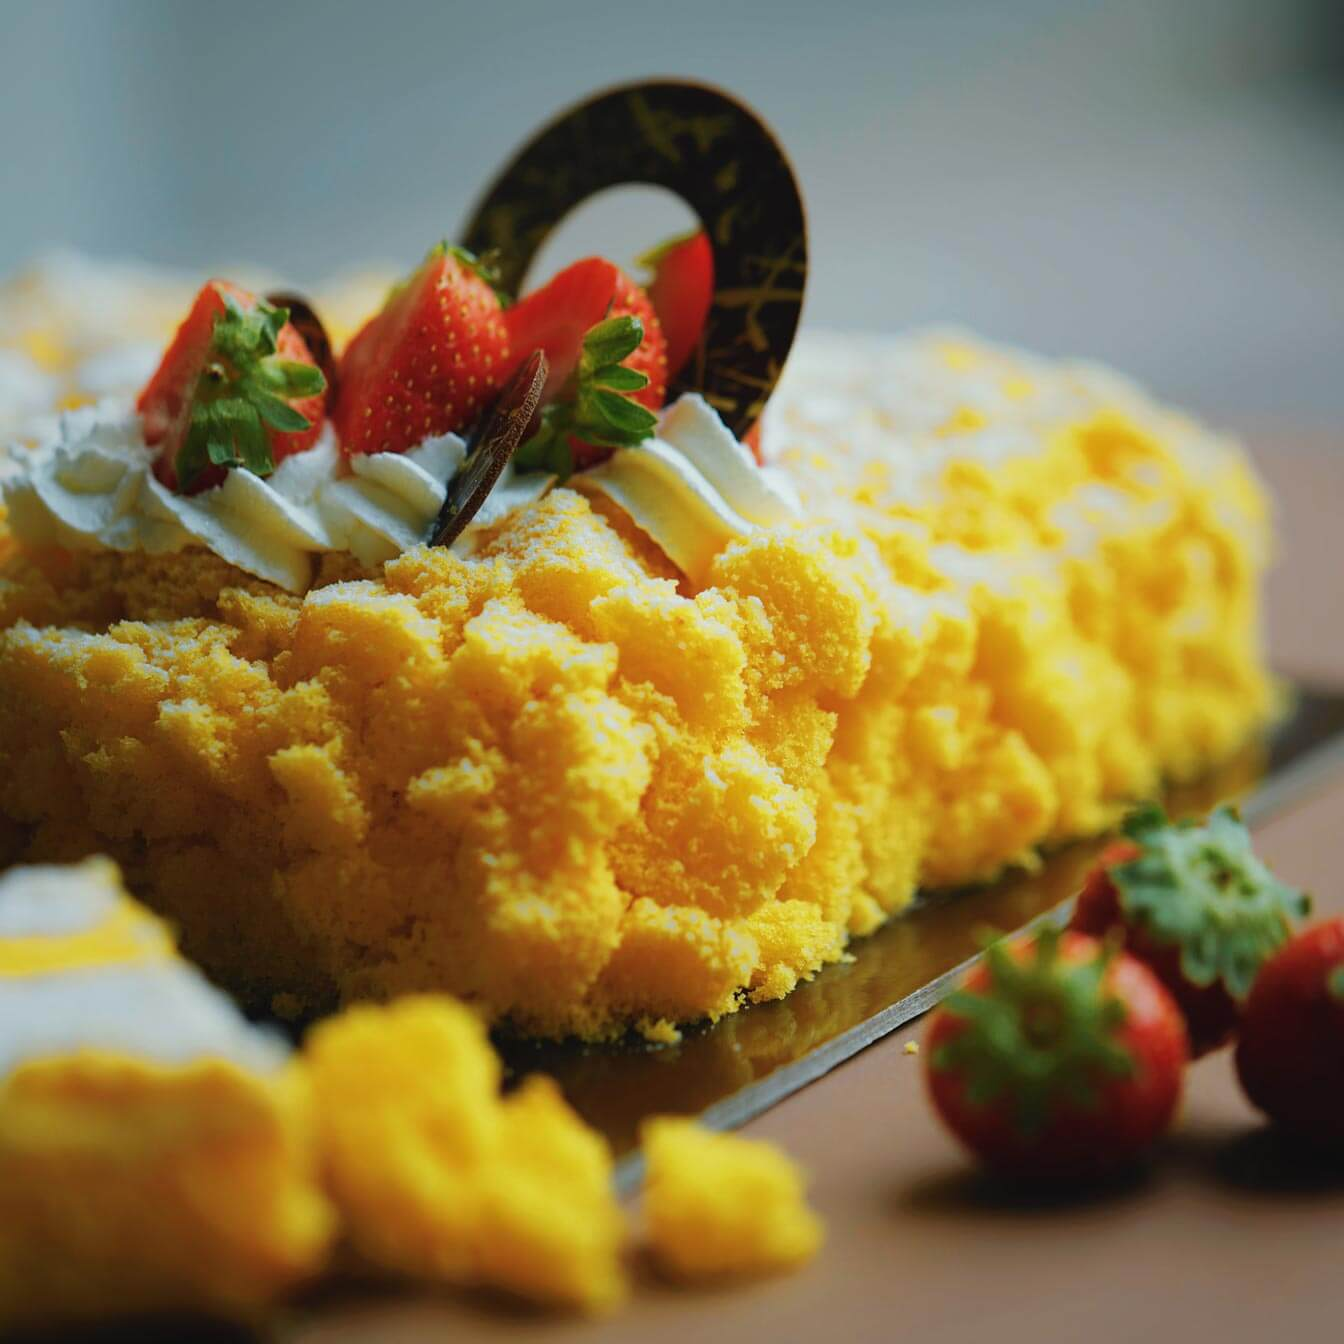 Torta mimosa, pan di Spagna e frutta decorativa